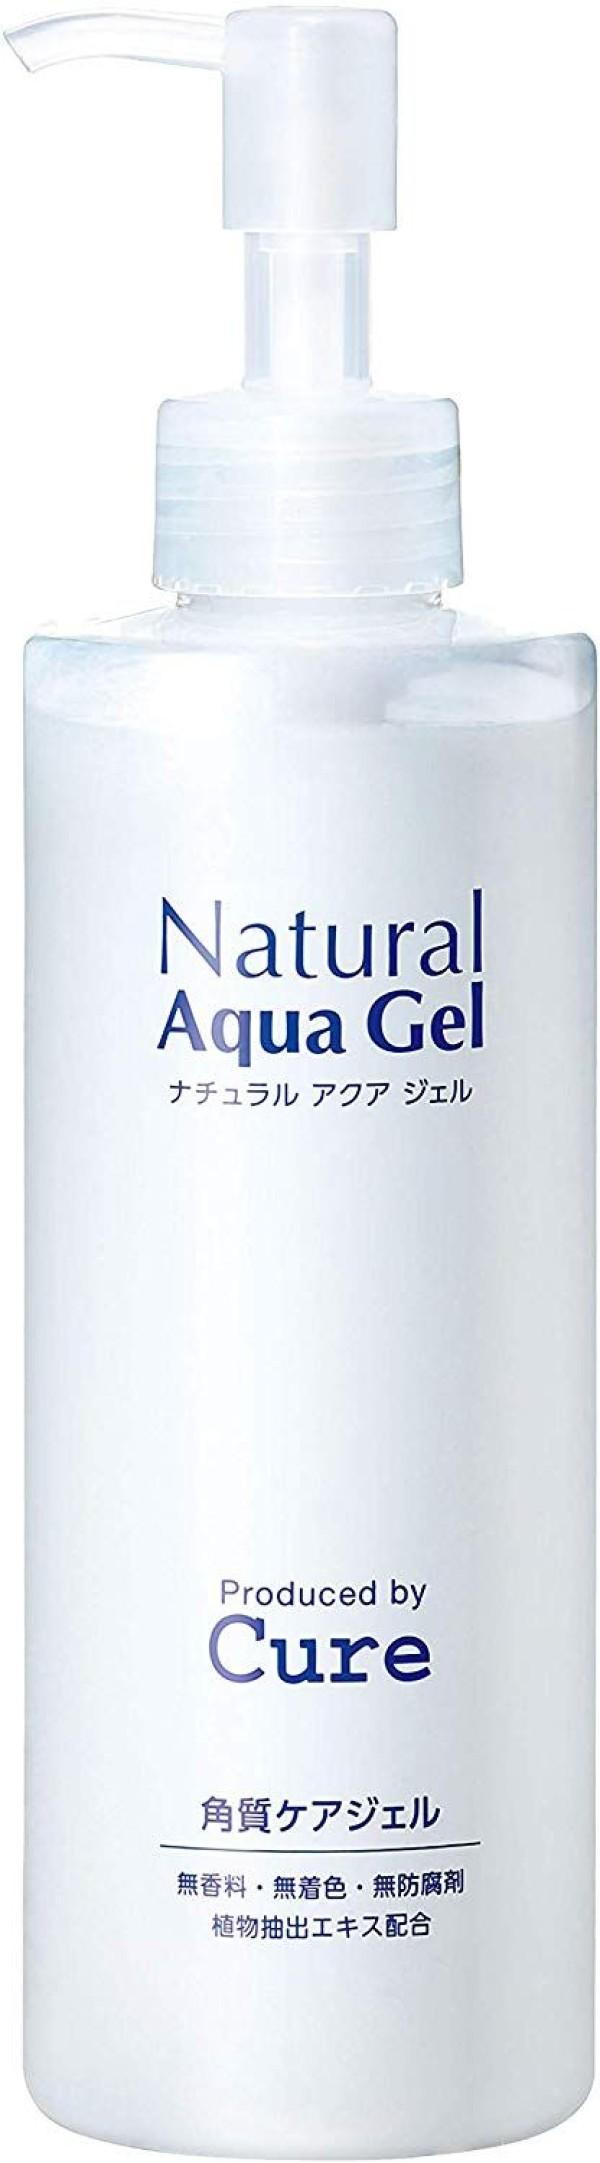 Гель для пилинга Toyo Cure Natural Aqua Gel